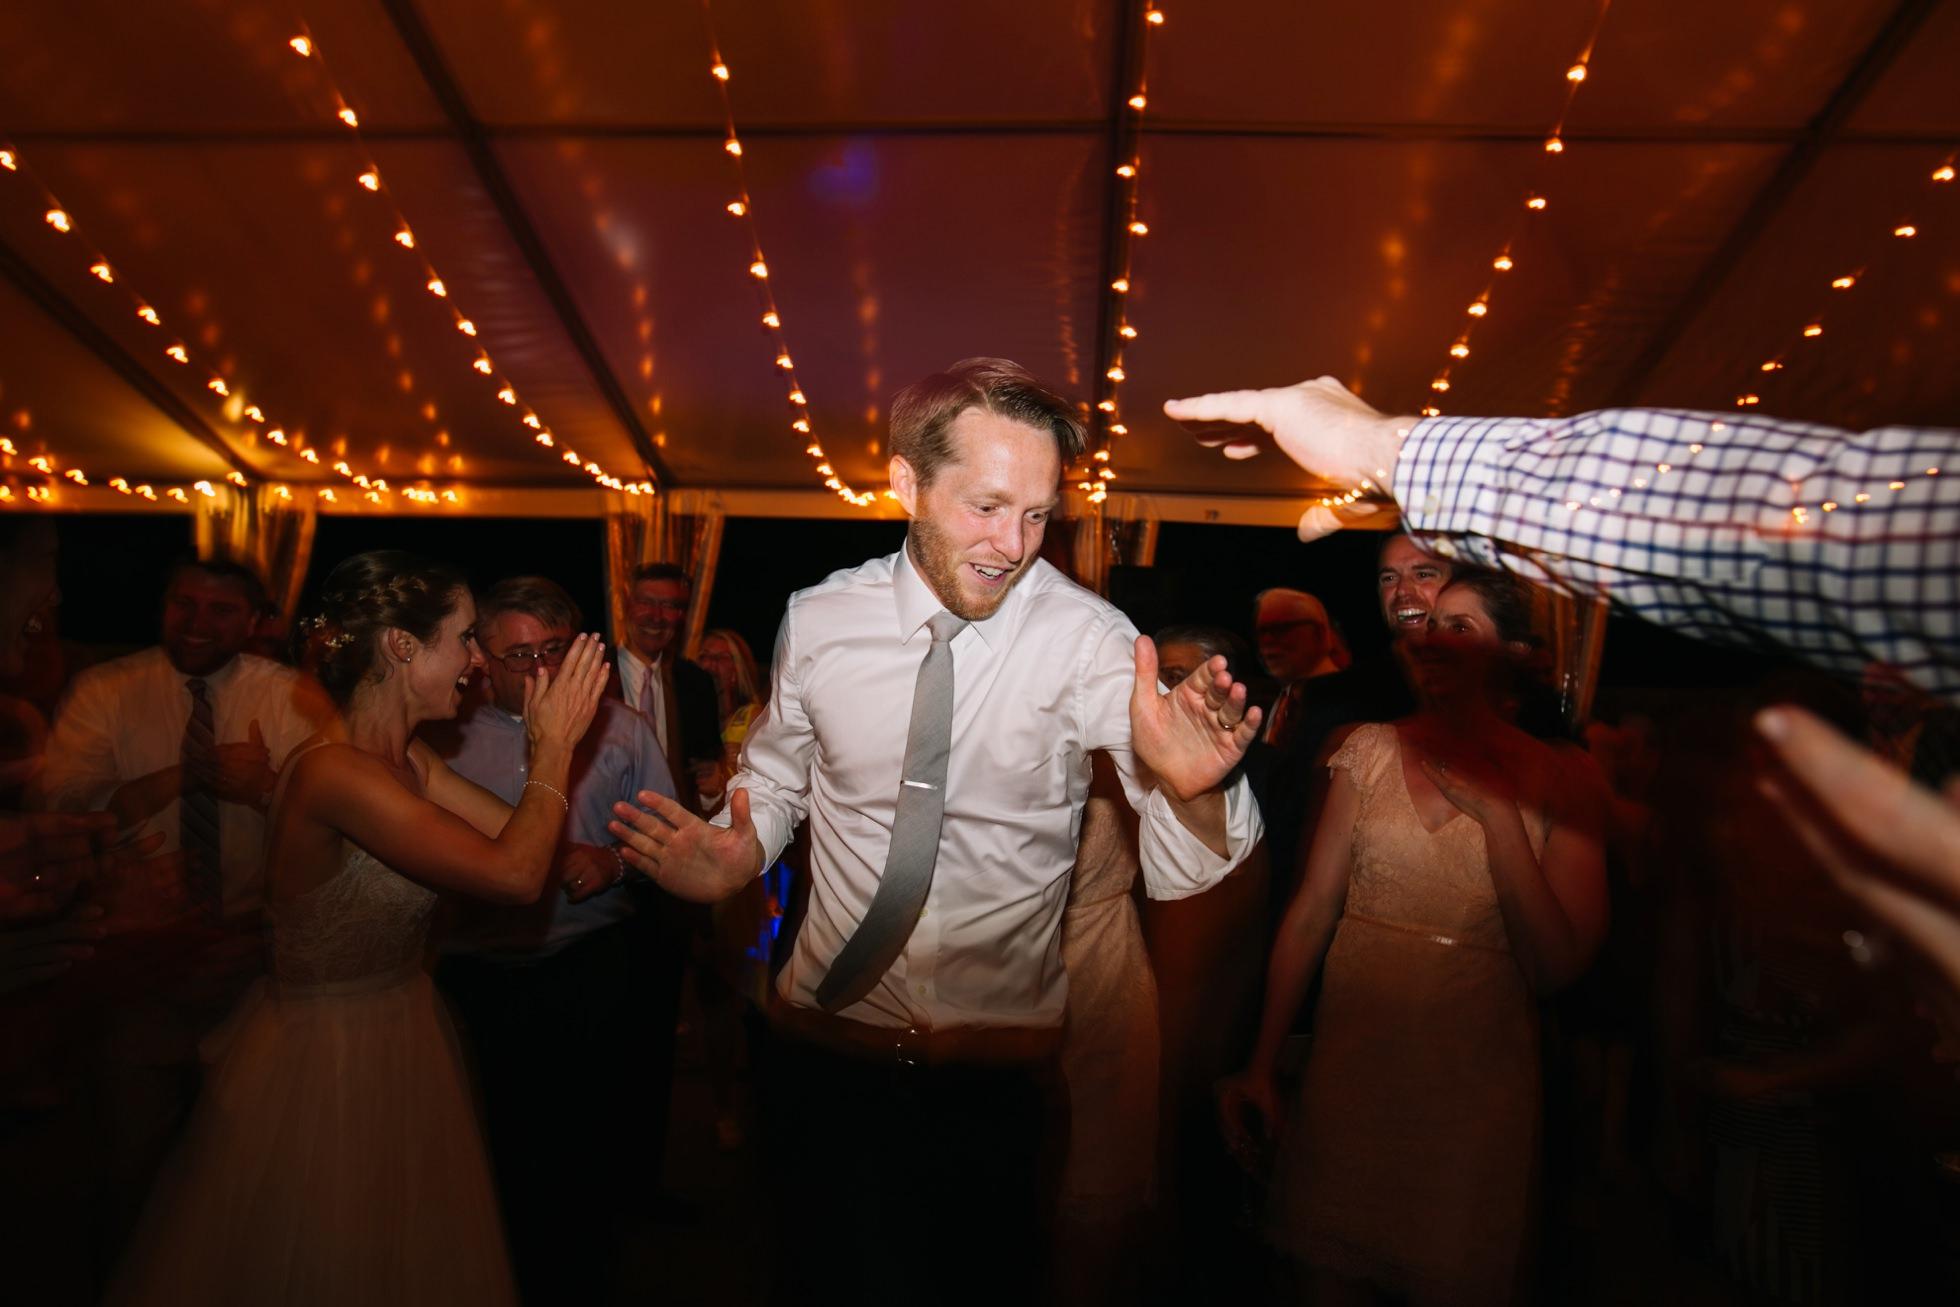 Romantic Bartram's Garden Outdoor Summer Wedding, Philadelphia | brittneyraine.com 110